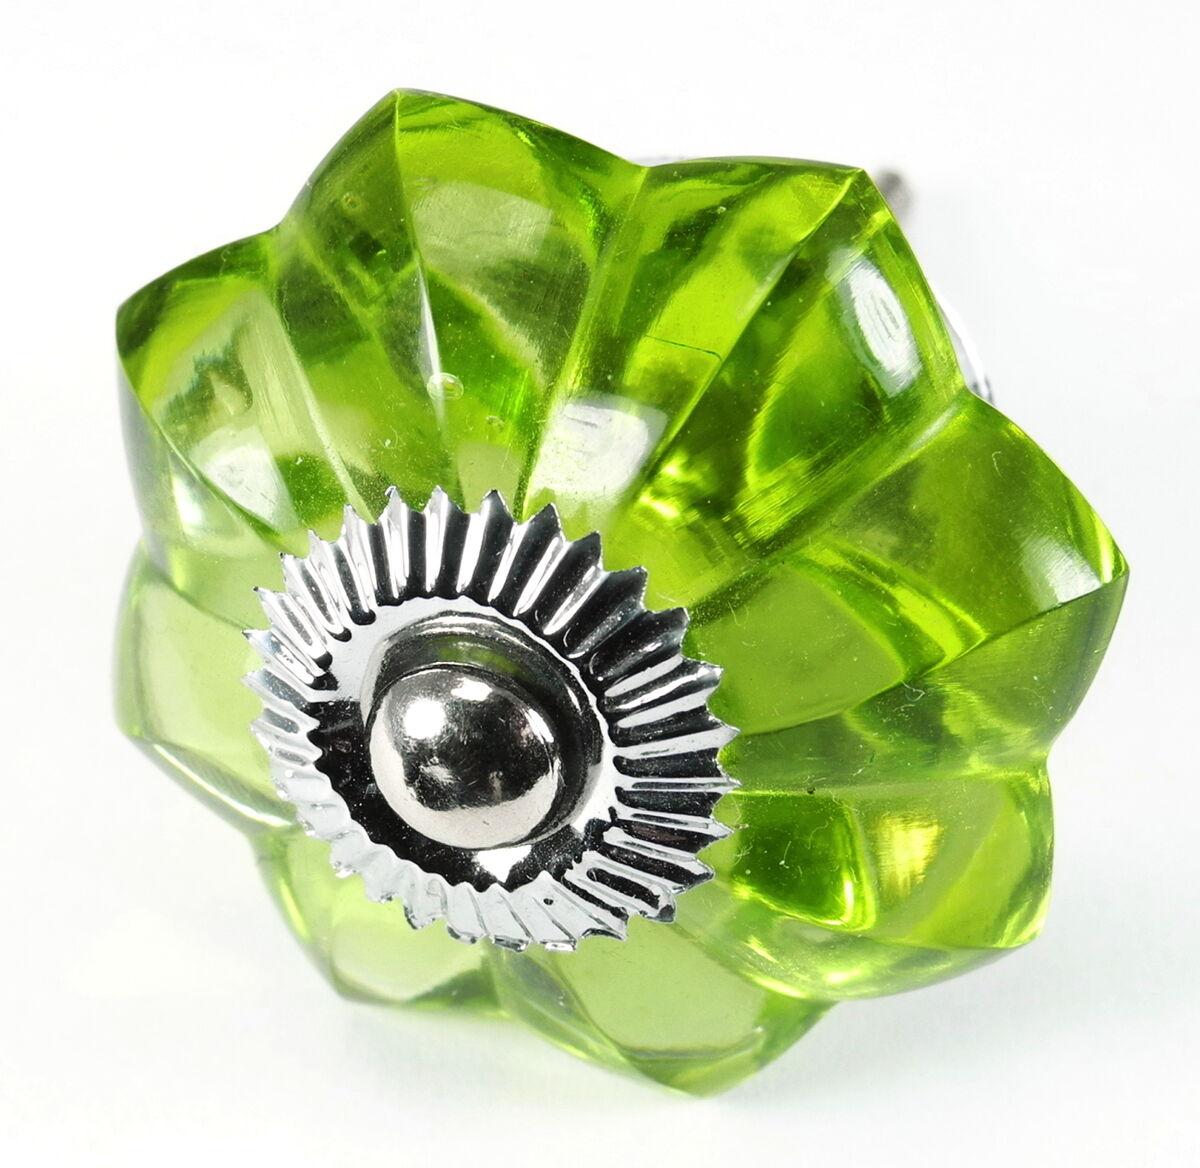 Fern Green Glass Cabinet Knobs Sm Melon Drawer Pulls Kitchen Handles #